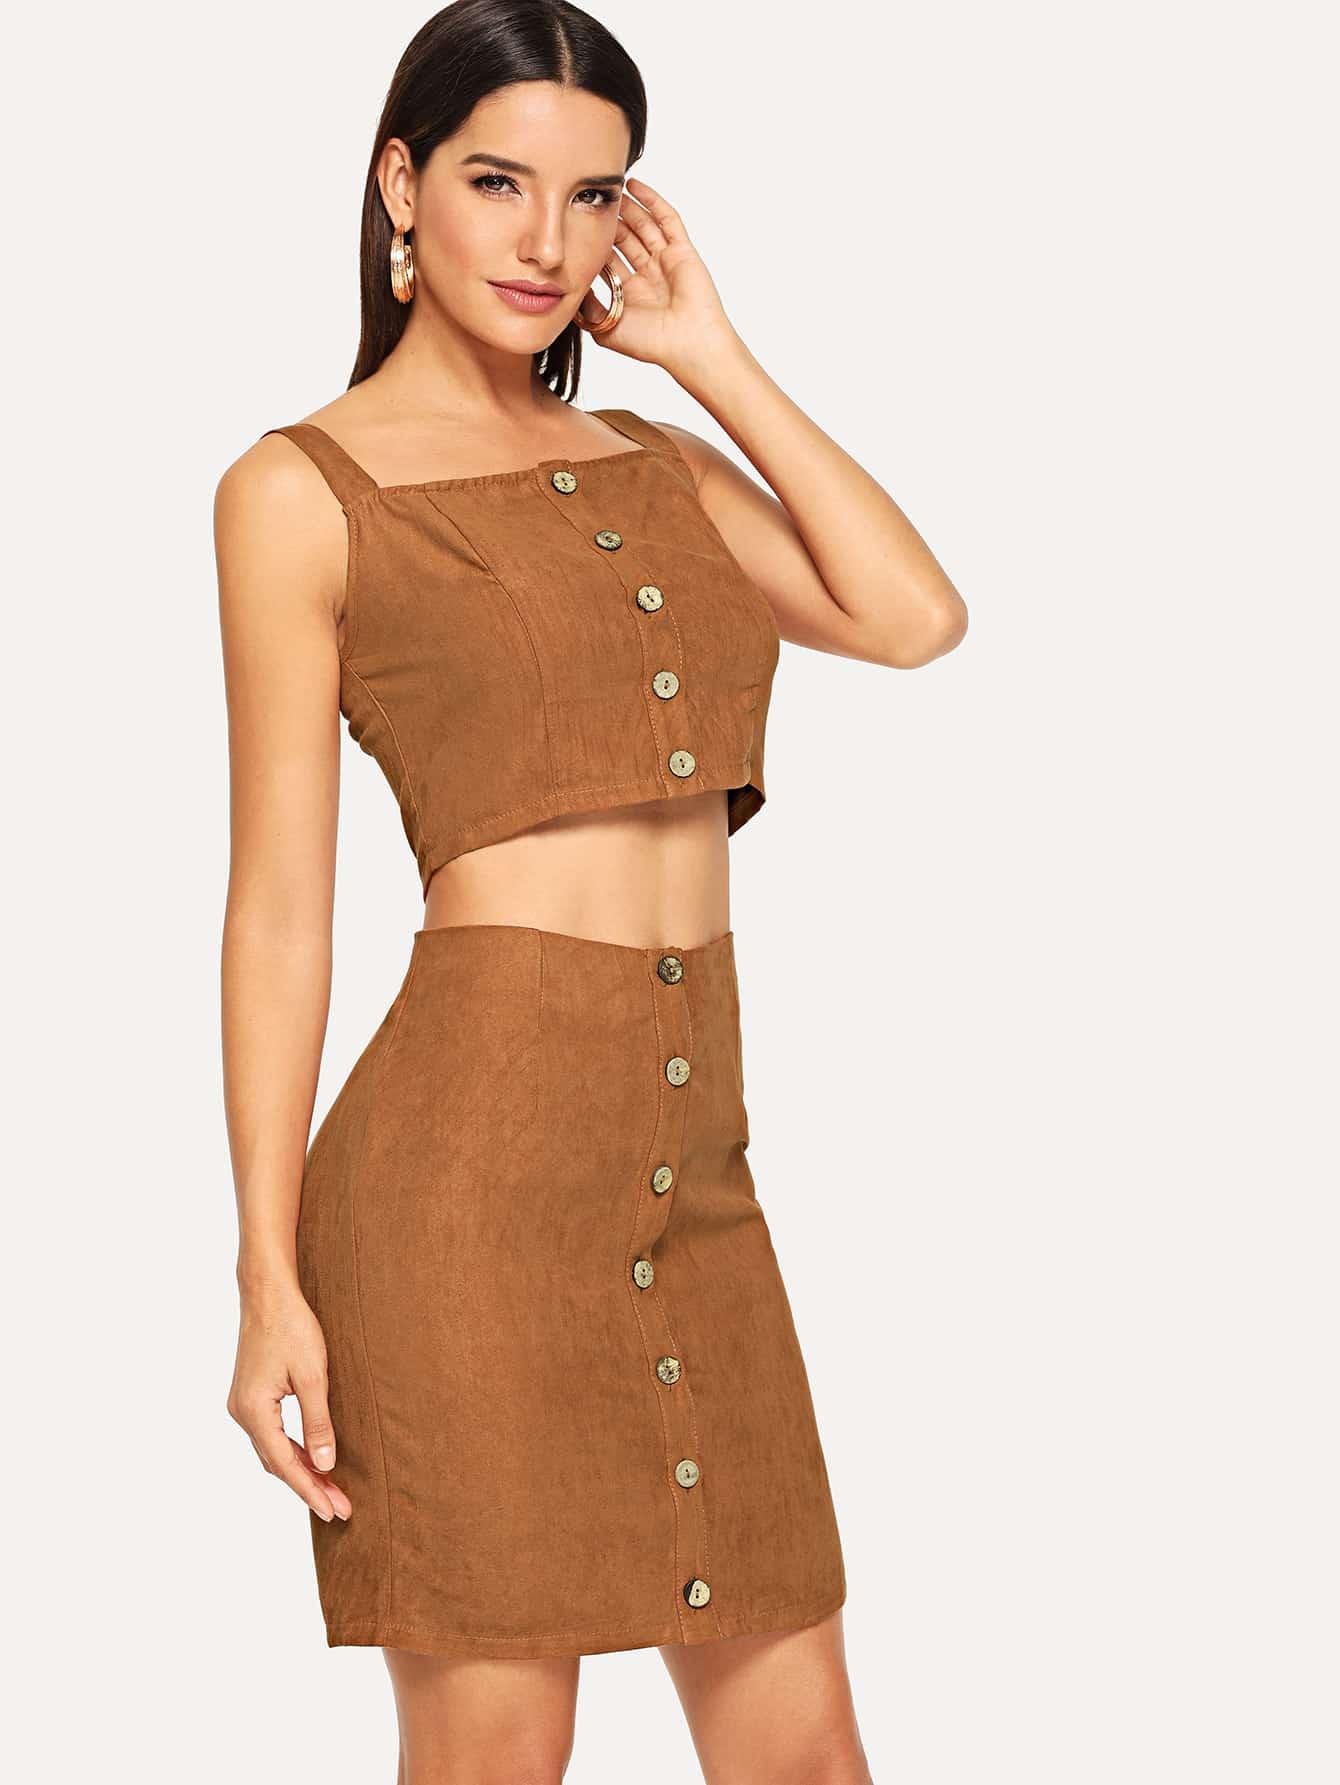 Фото - Короткий топ с пуговицами и юбка комплект от SheIn коричневого цвета